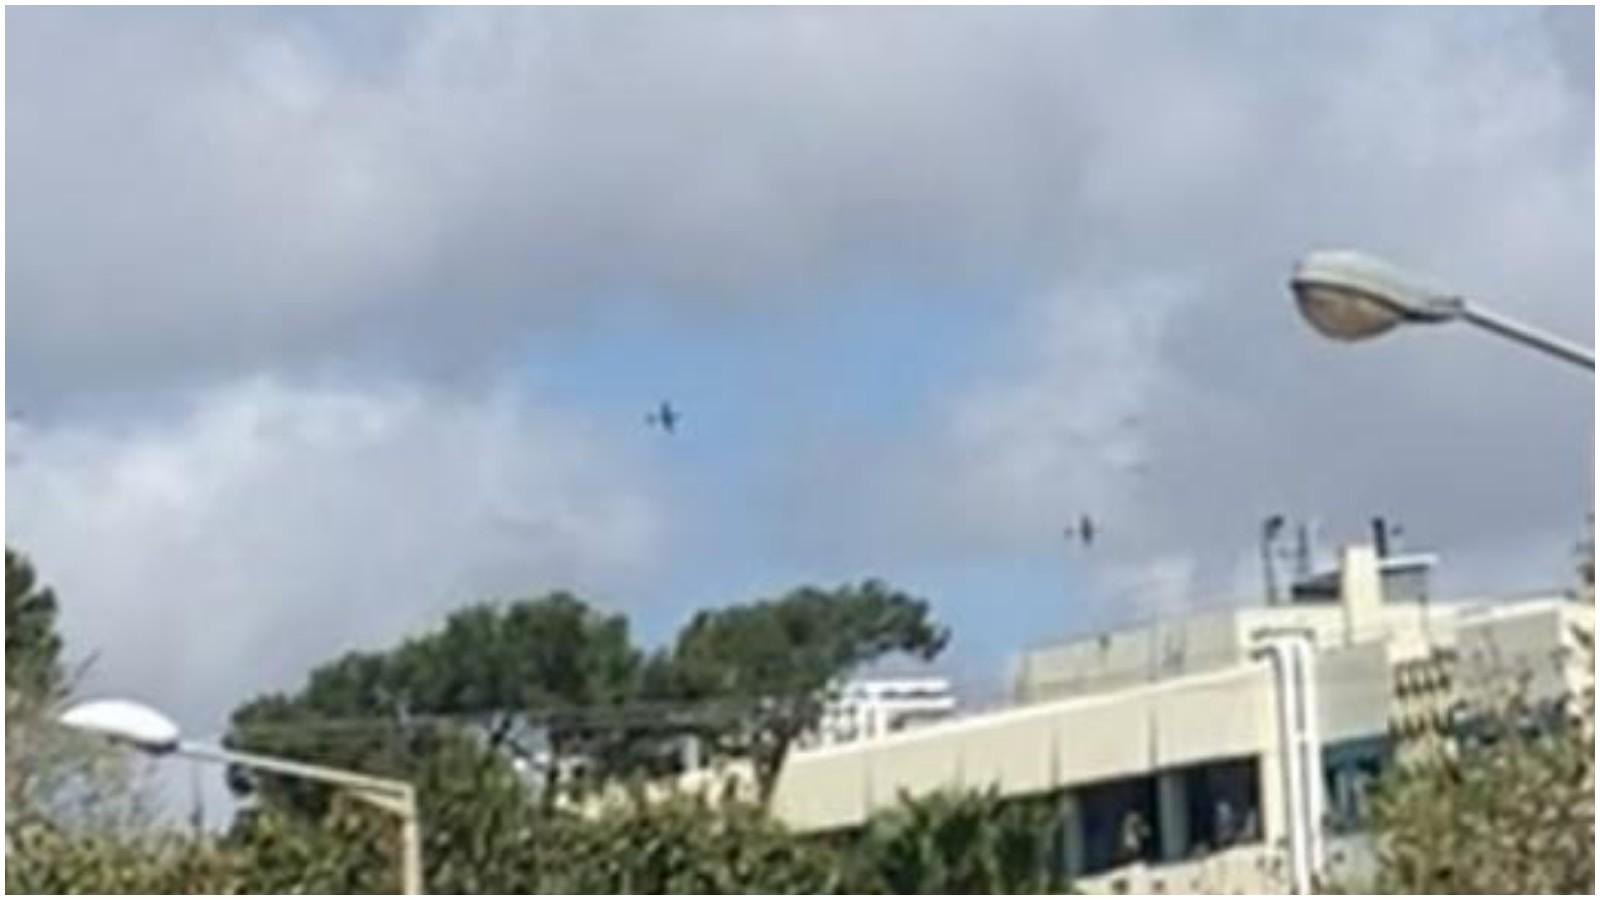 חזרה של מטוסי חיל האוויר בפתח תקוה לקראת יום העצמאות. צילום נדיב ורסנו